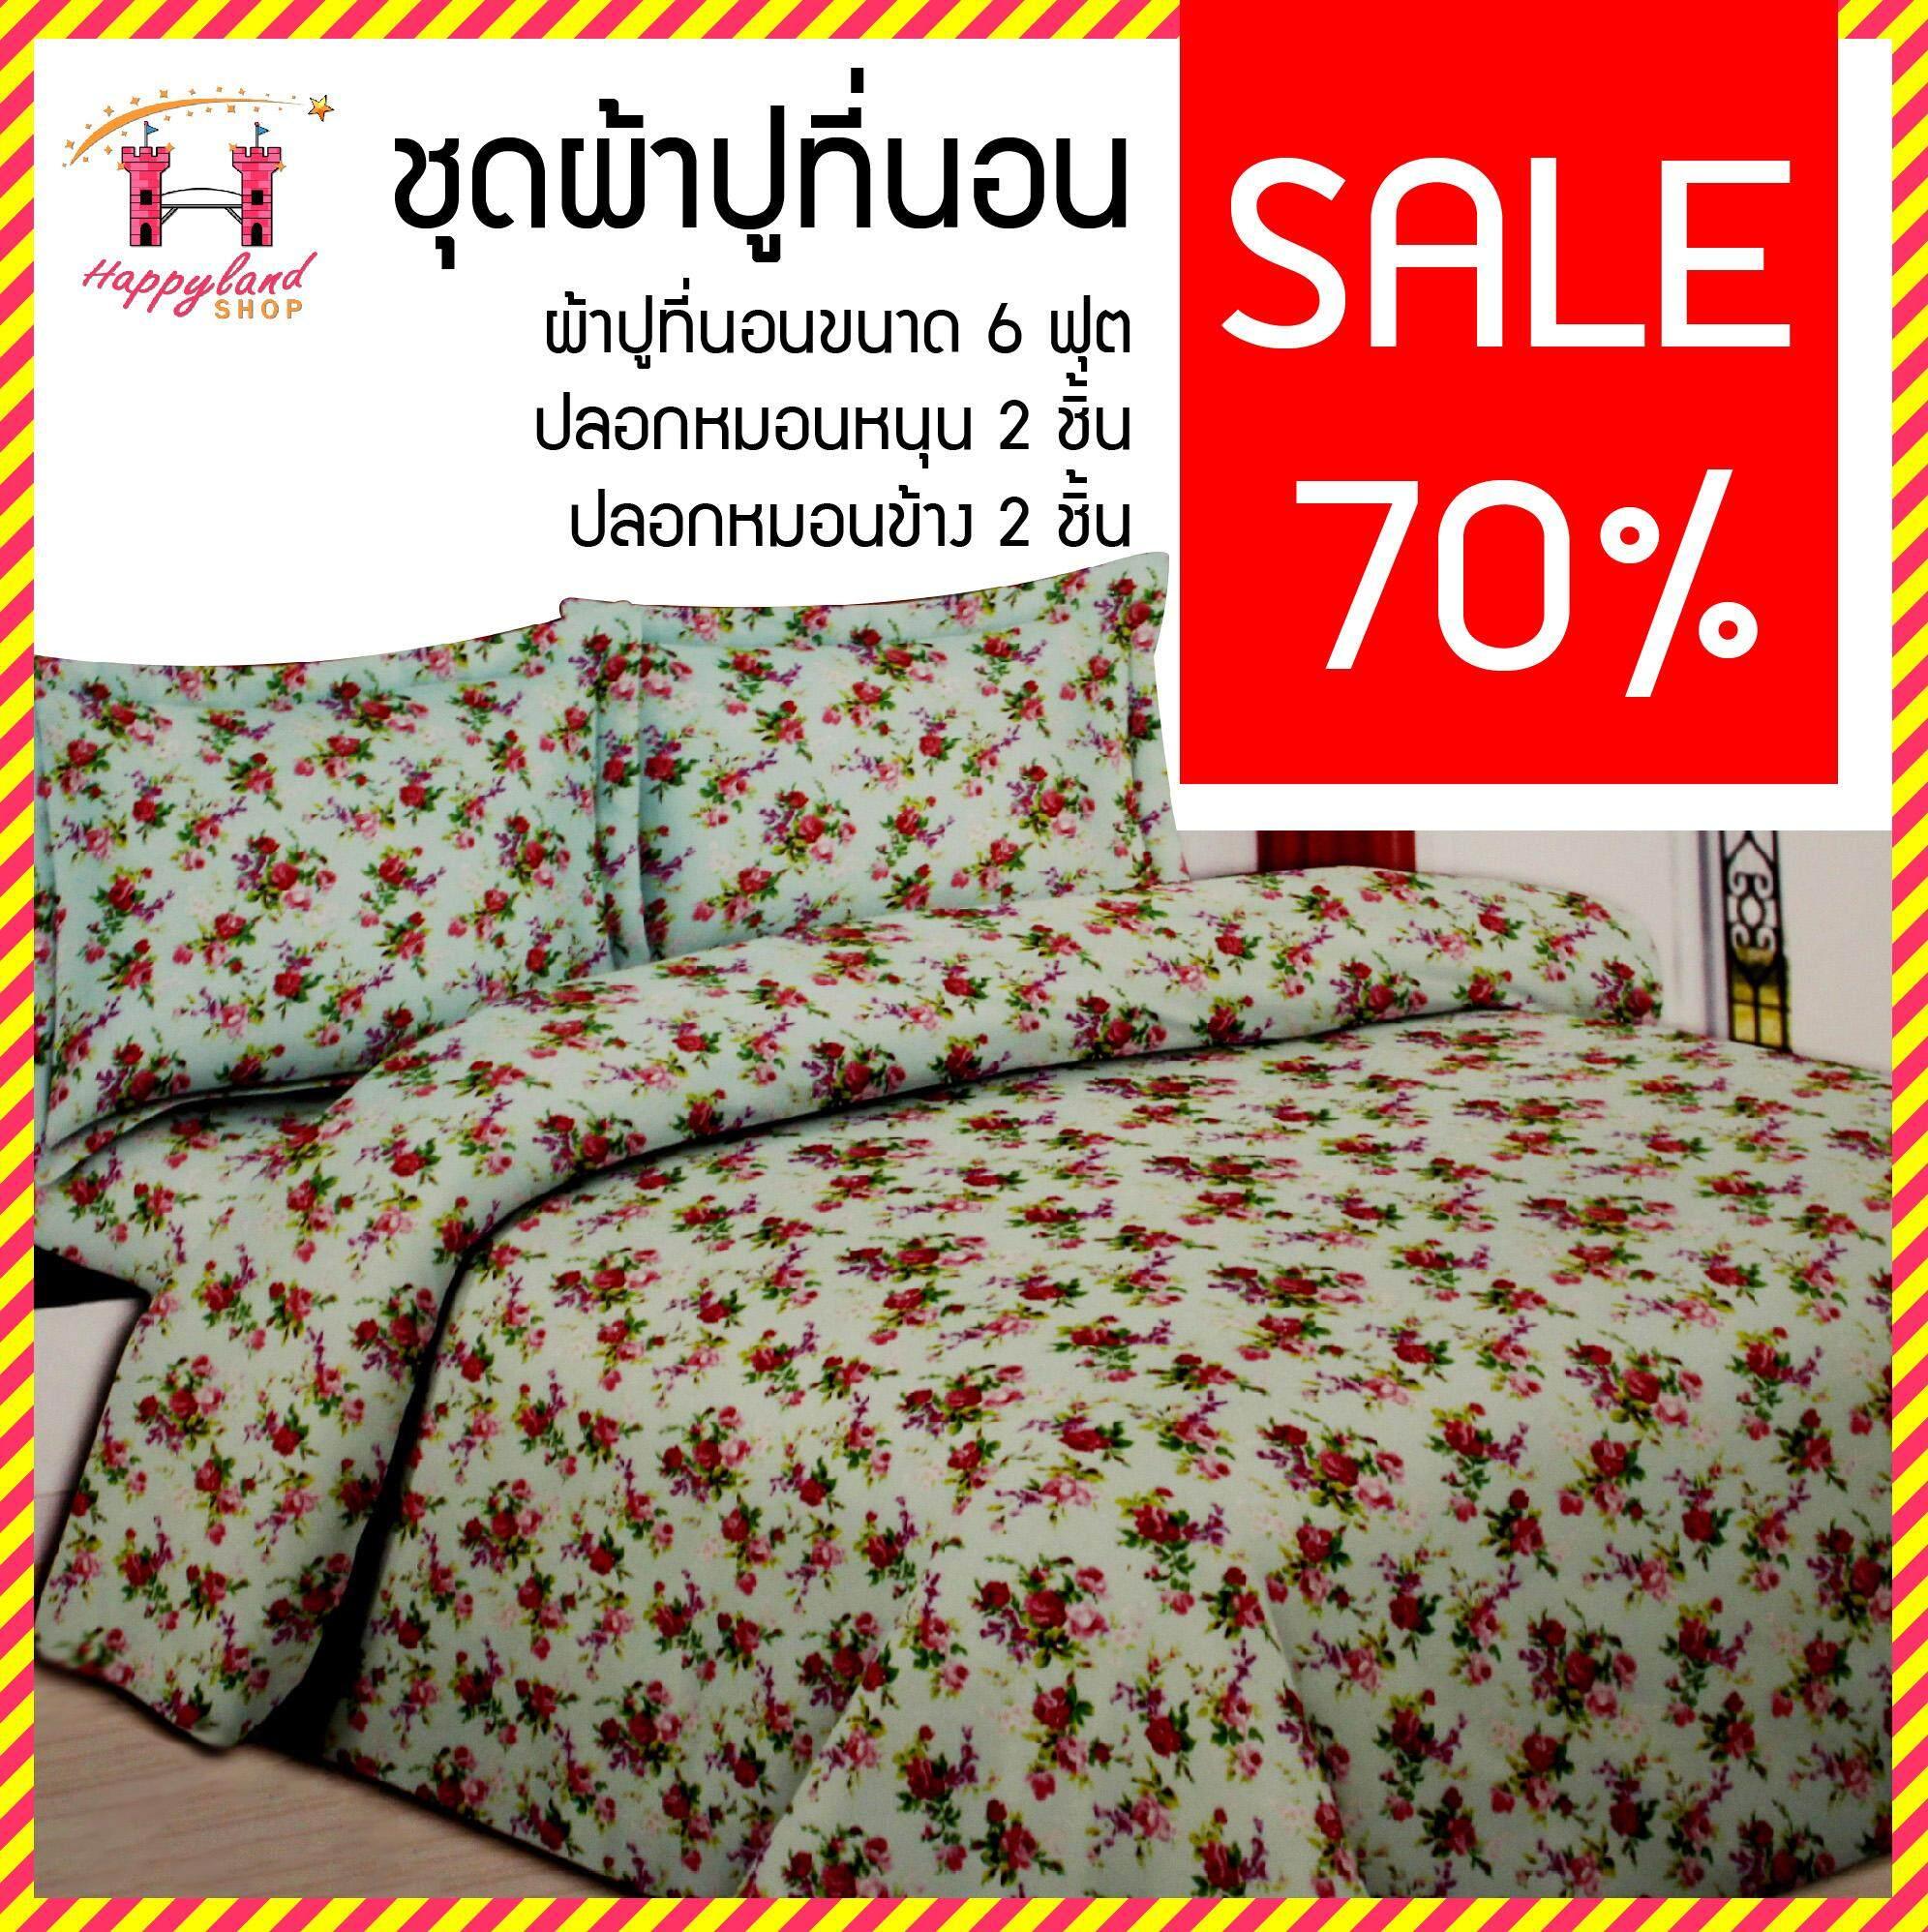 ชุดผ้าปูที่นอนลายดอกกุหลาบเล็กสีเขียว 6ฟุต 5ชิ้น รุ่น Hl960388.